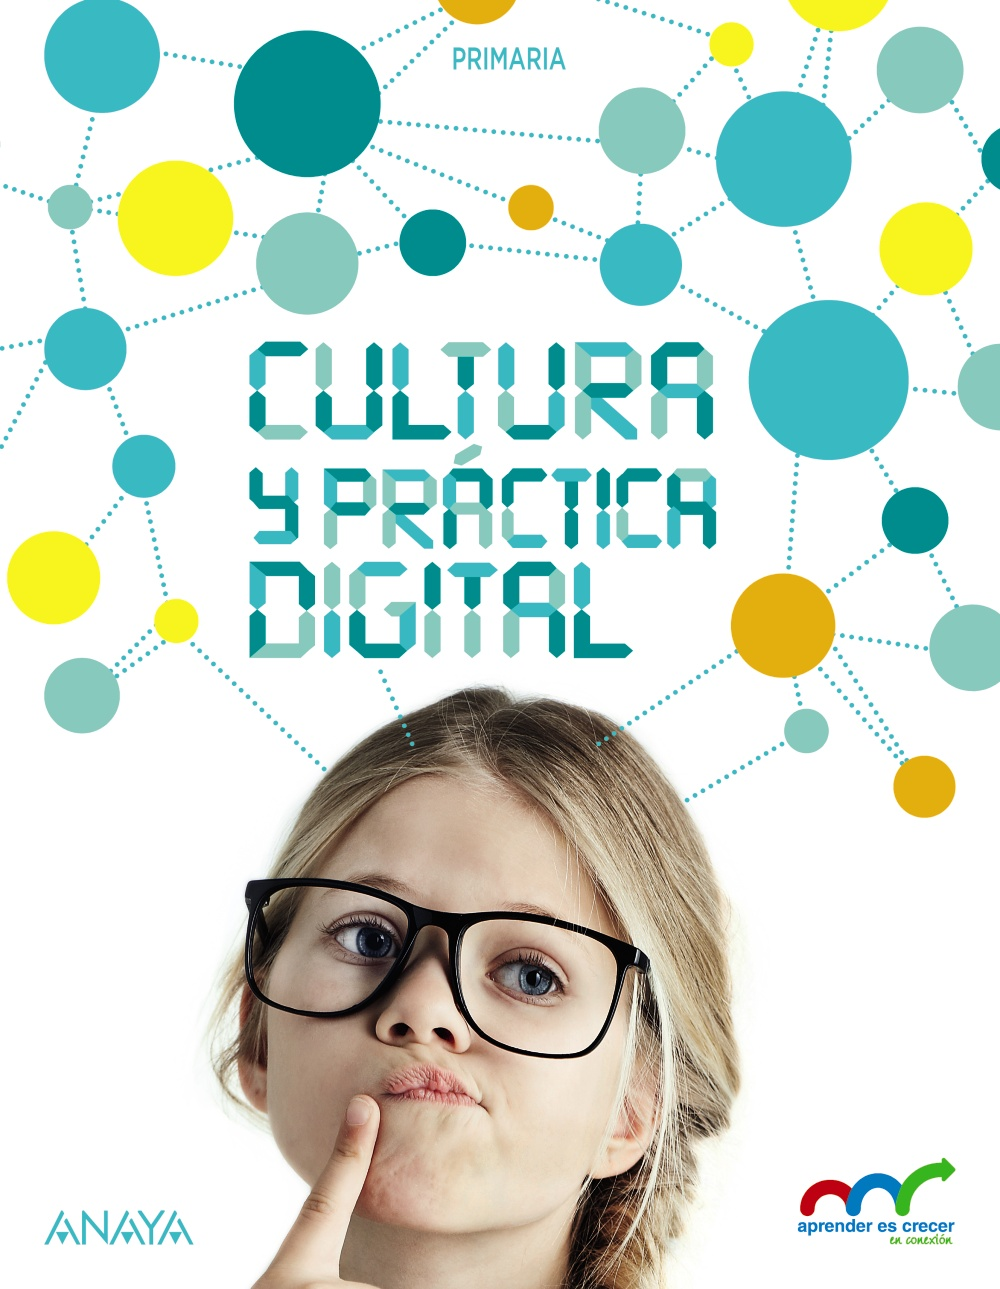 CULTURA Y PRACTICA DIGITAL